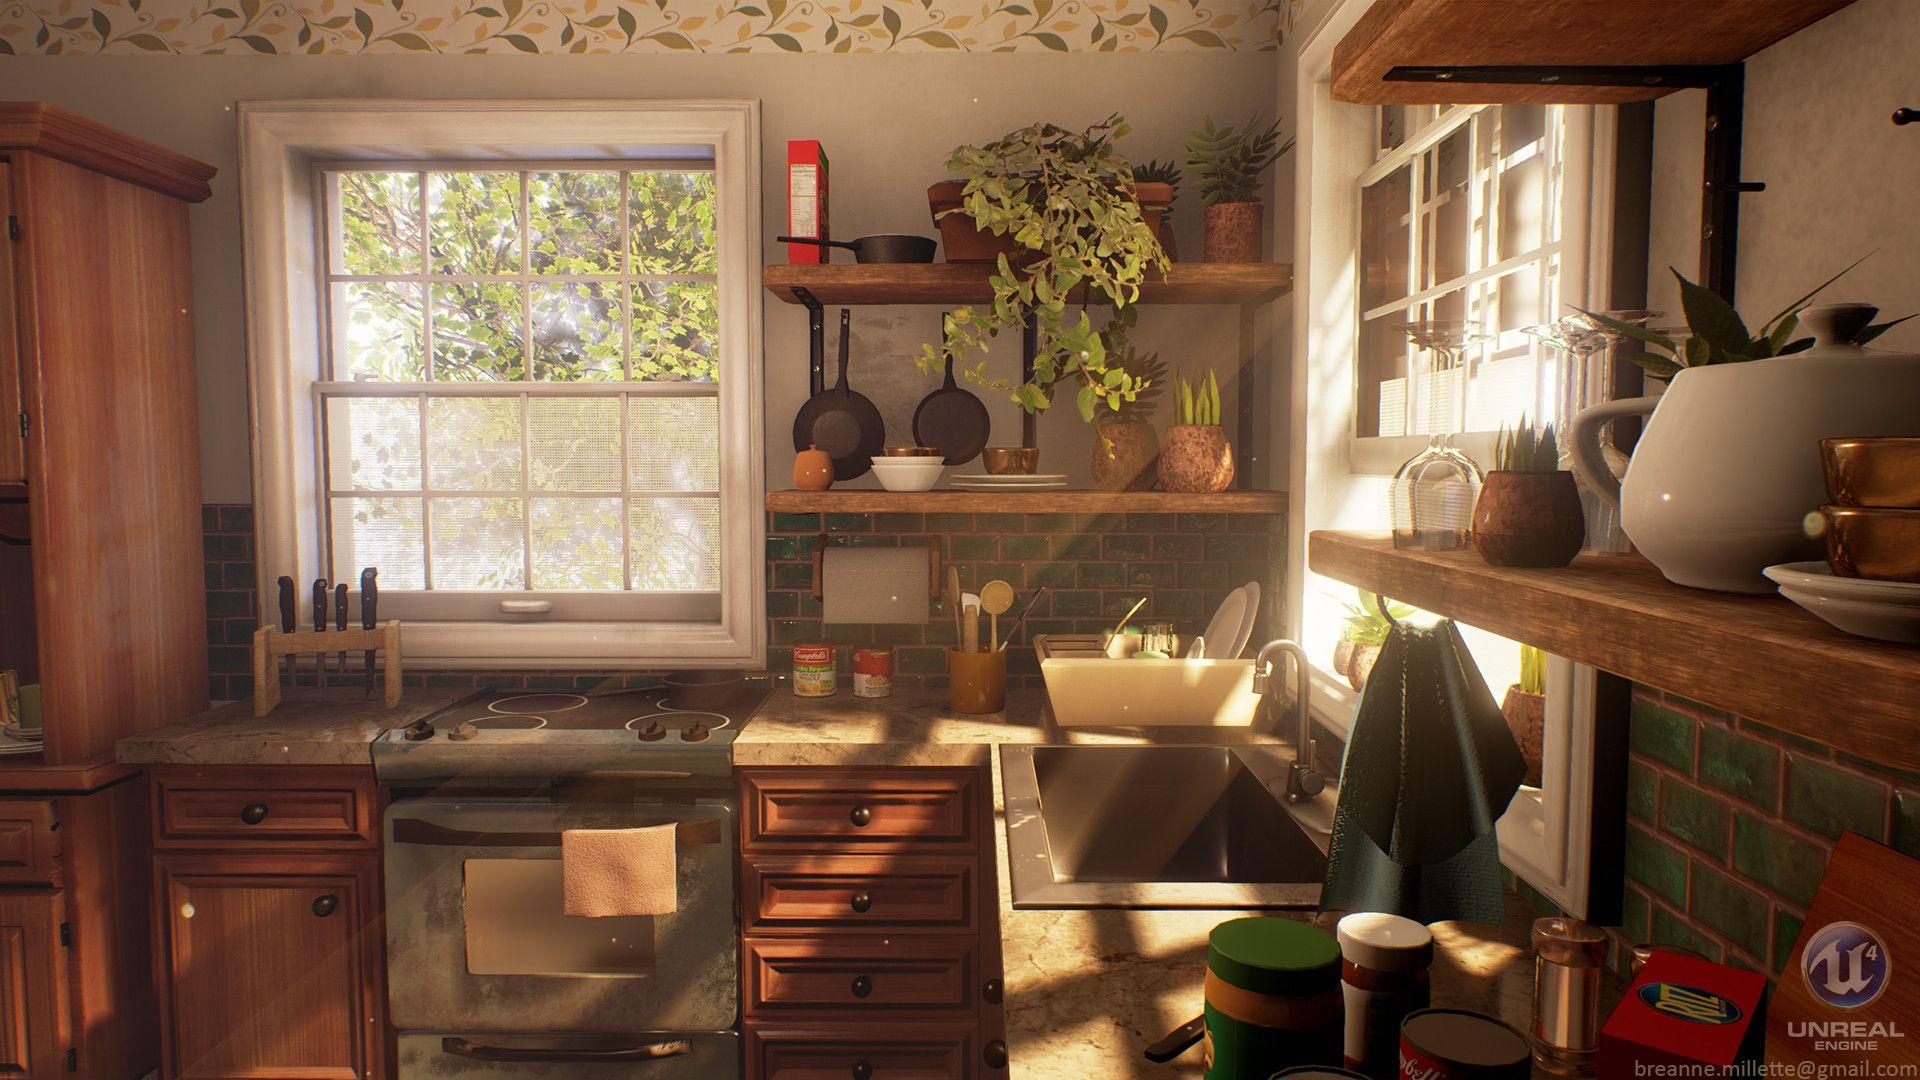 Artstation Cozy Kitchen Breanne Millette Cozy Kitchen Wooden Cabinets Kitchen Interior